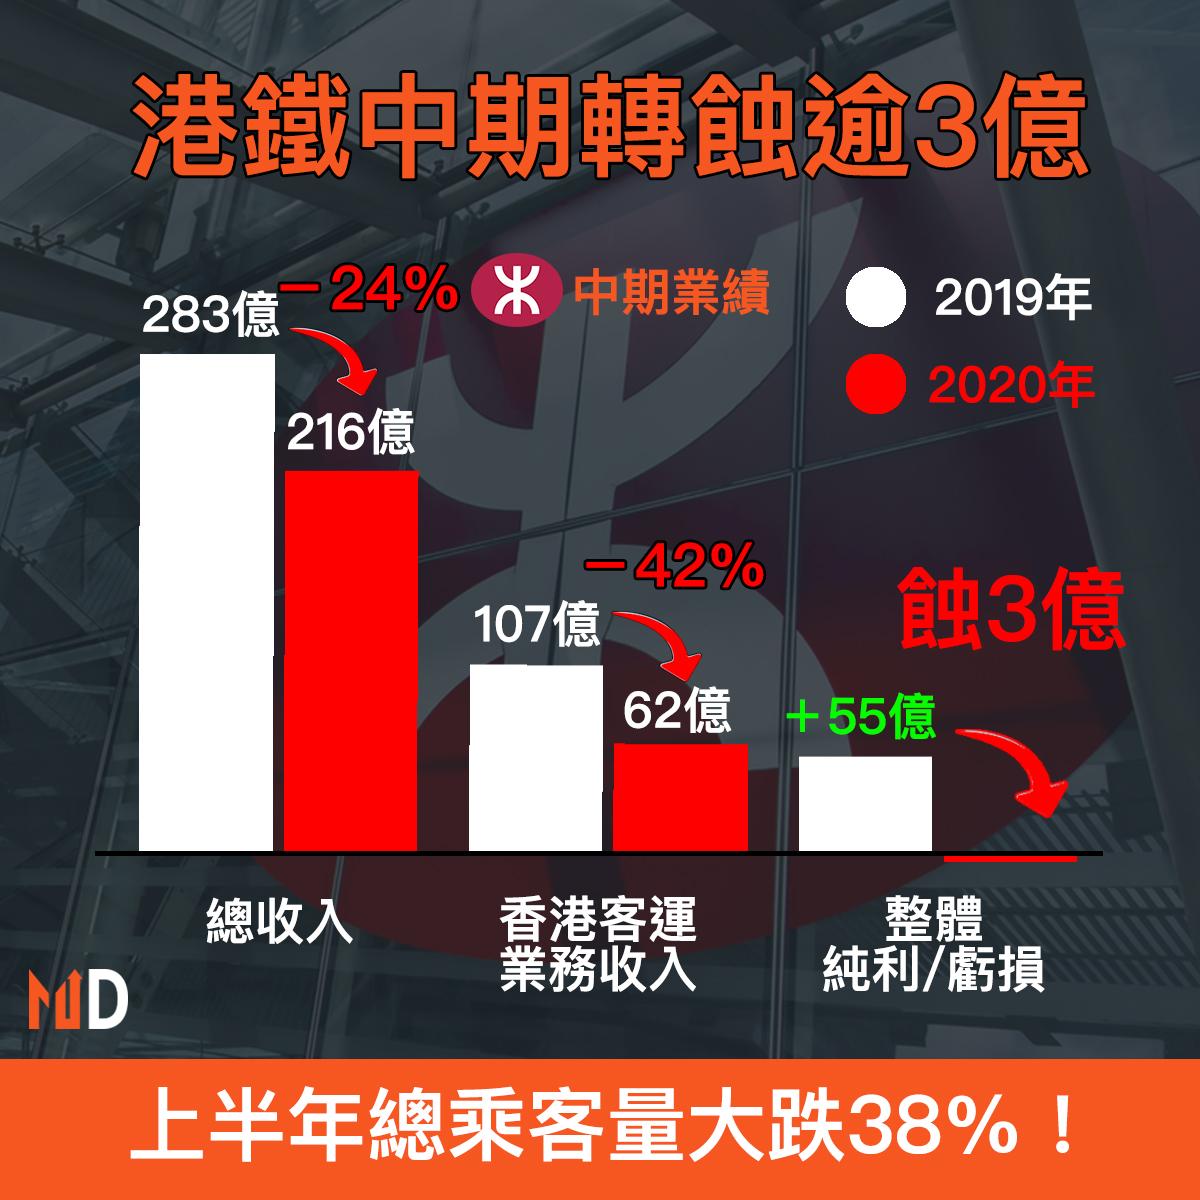 【財報分析】港鐵中期轉蝕逾3億